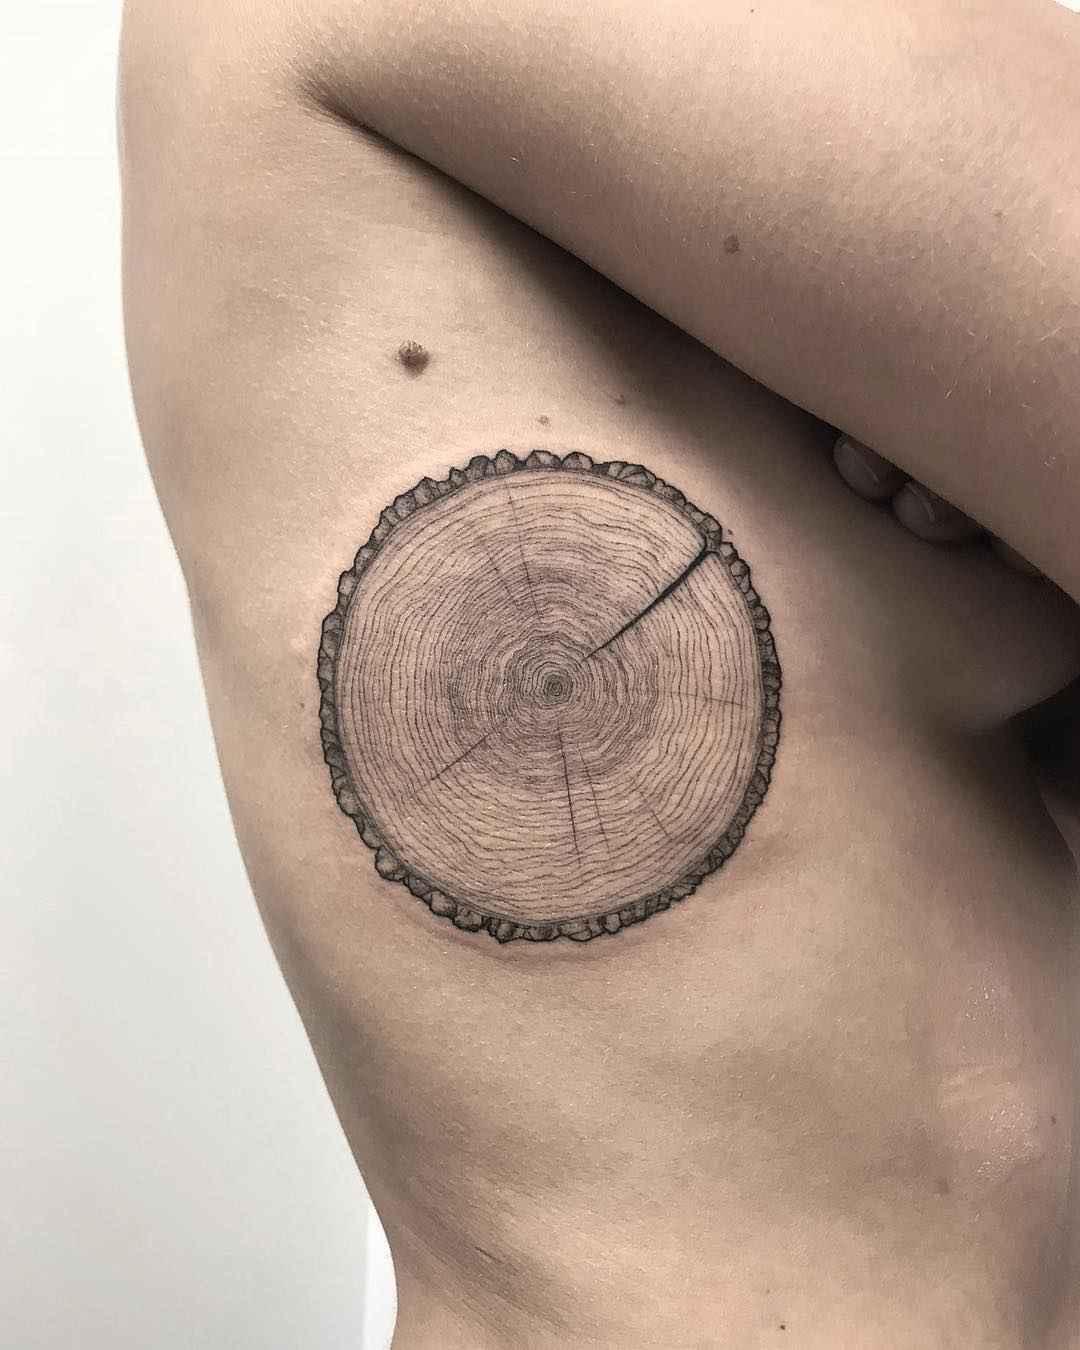 Tattoo Artist Michele Volpi